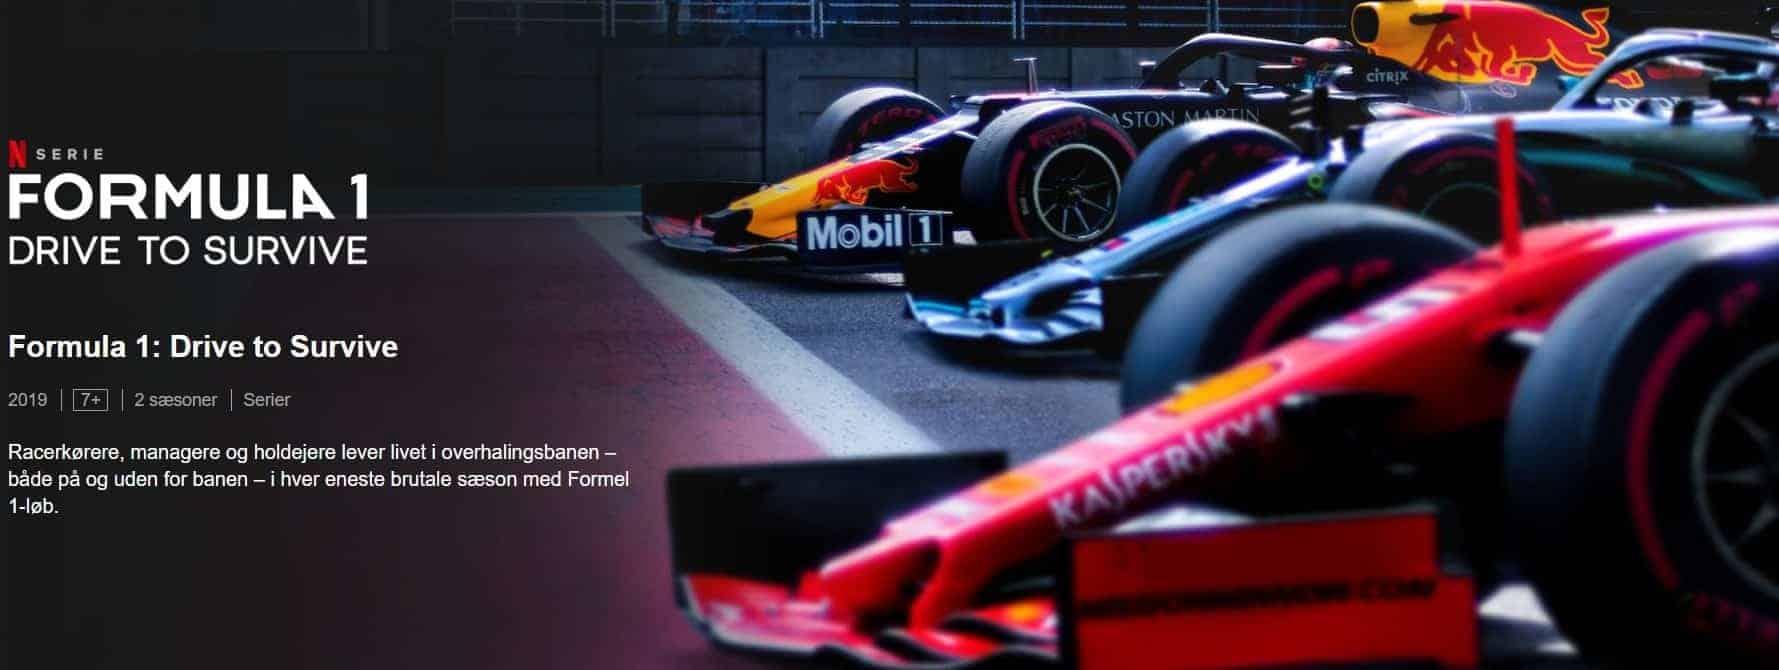 Formula 1 Drive to survive, Netflix